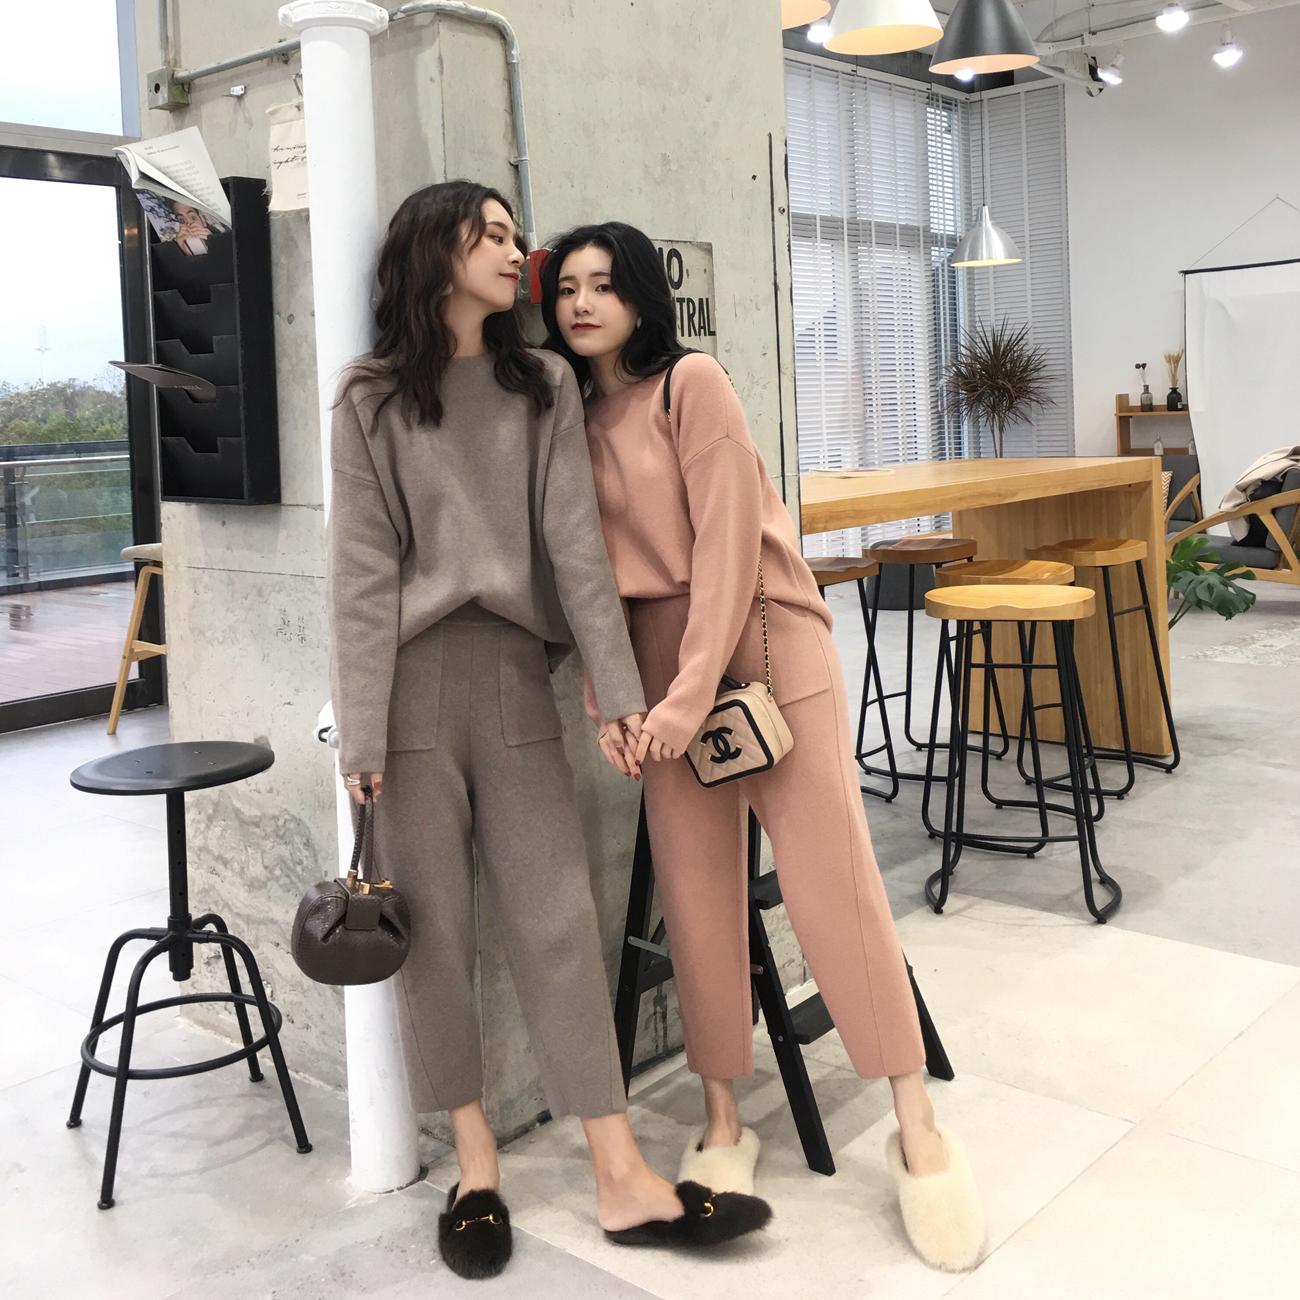 ◆ASM◆2018冬季新款百搭套头毛衣显瘦针织裤休闲裤时尚套装女装